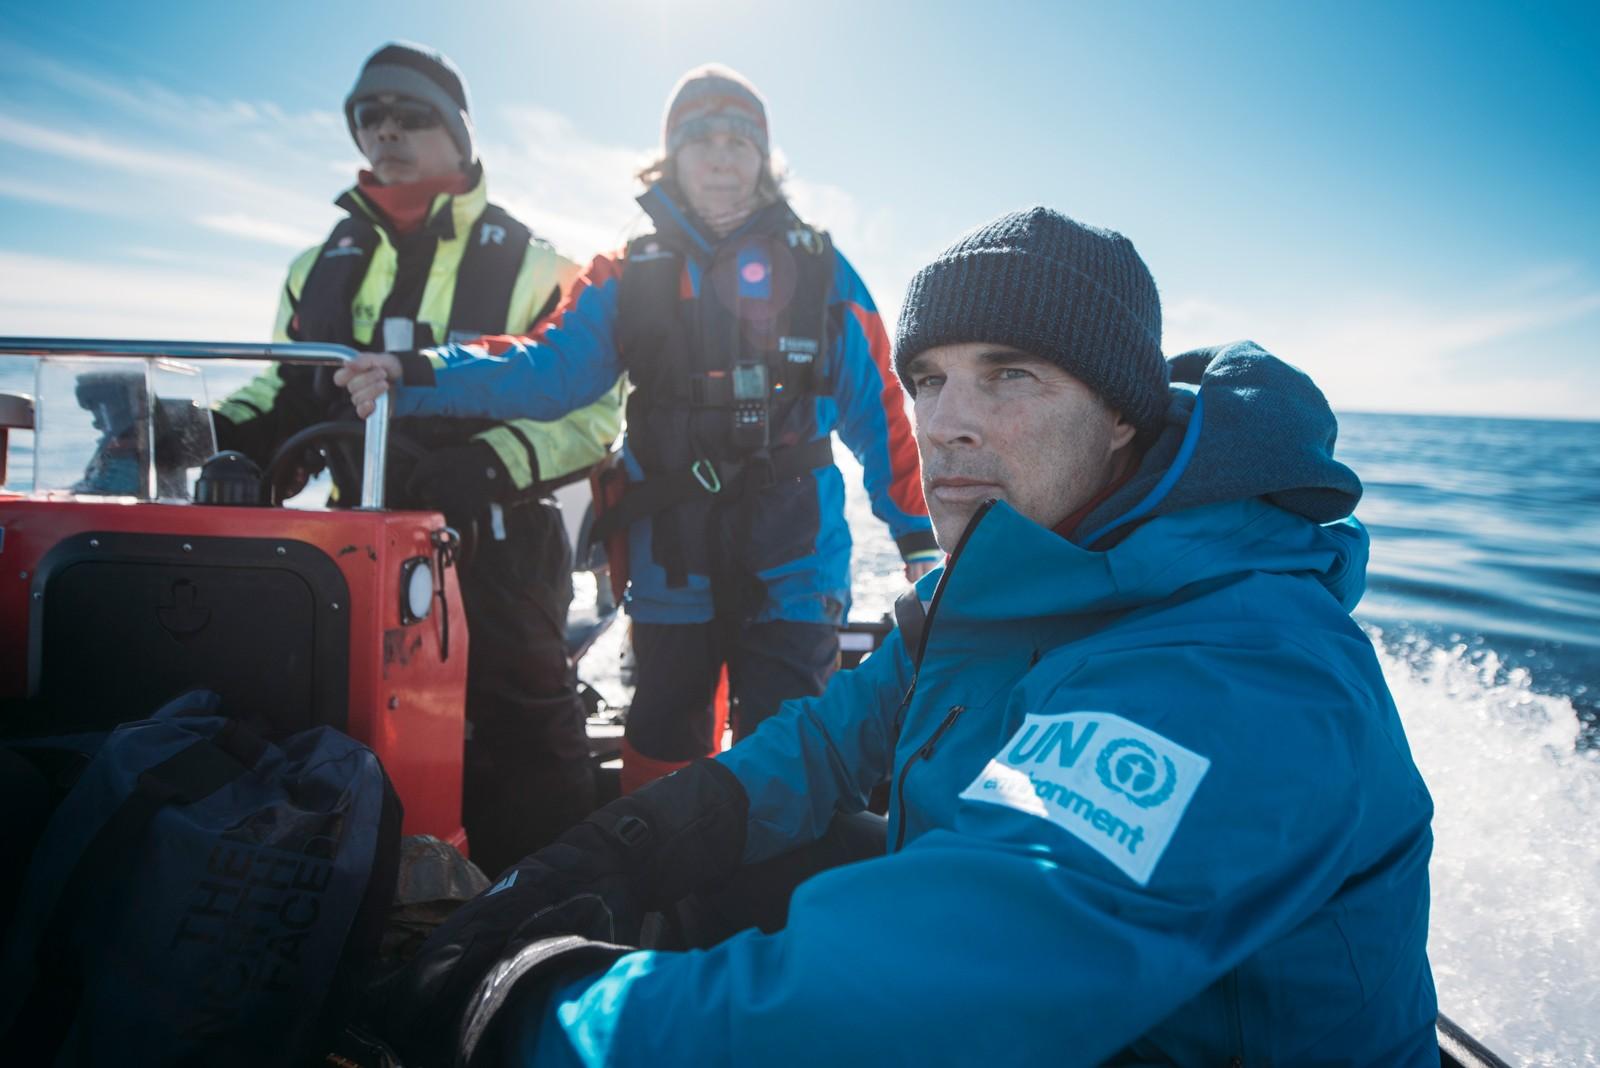 Lewis Pugh og følgemannskapet på vei ut til området han skal svømme i.